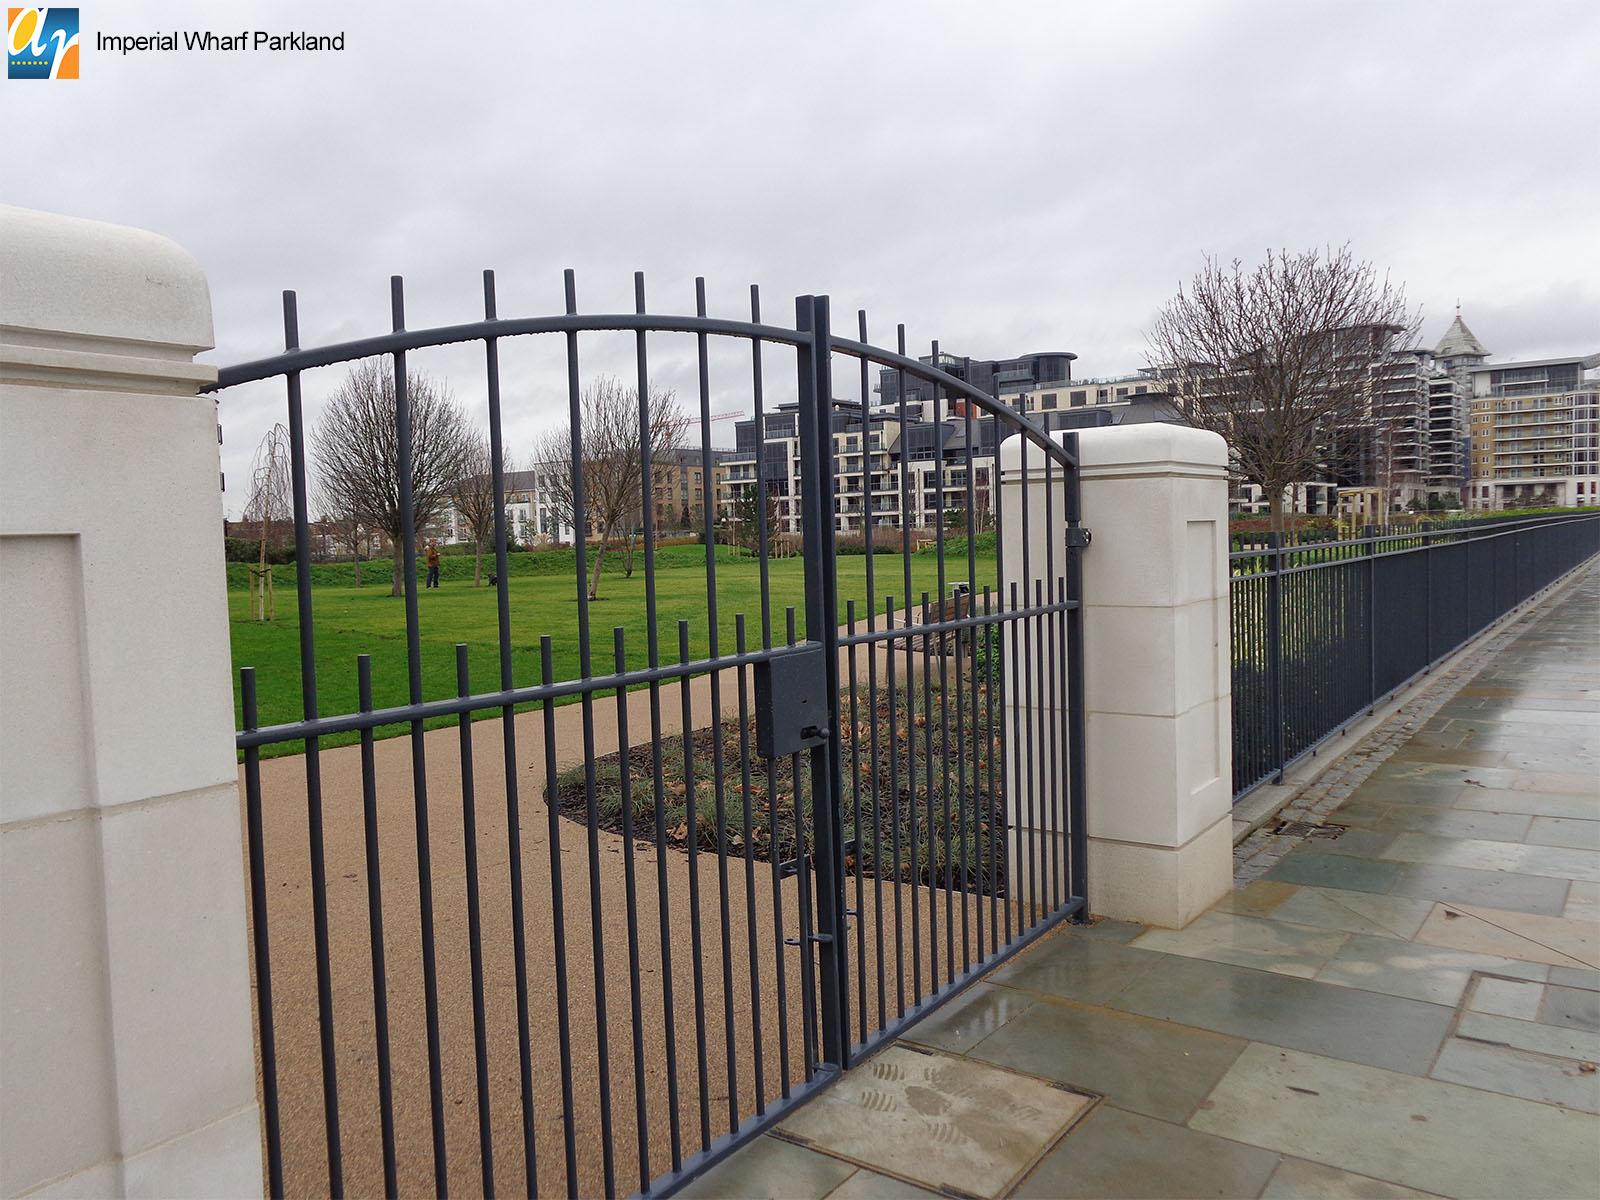 Imperial Wharf Parkland metal gates